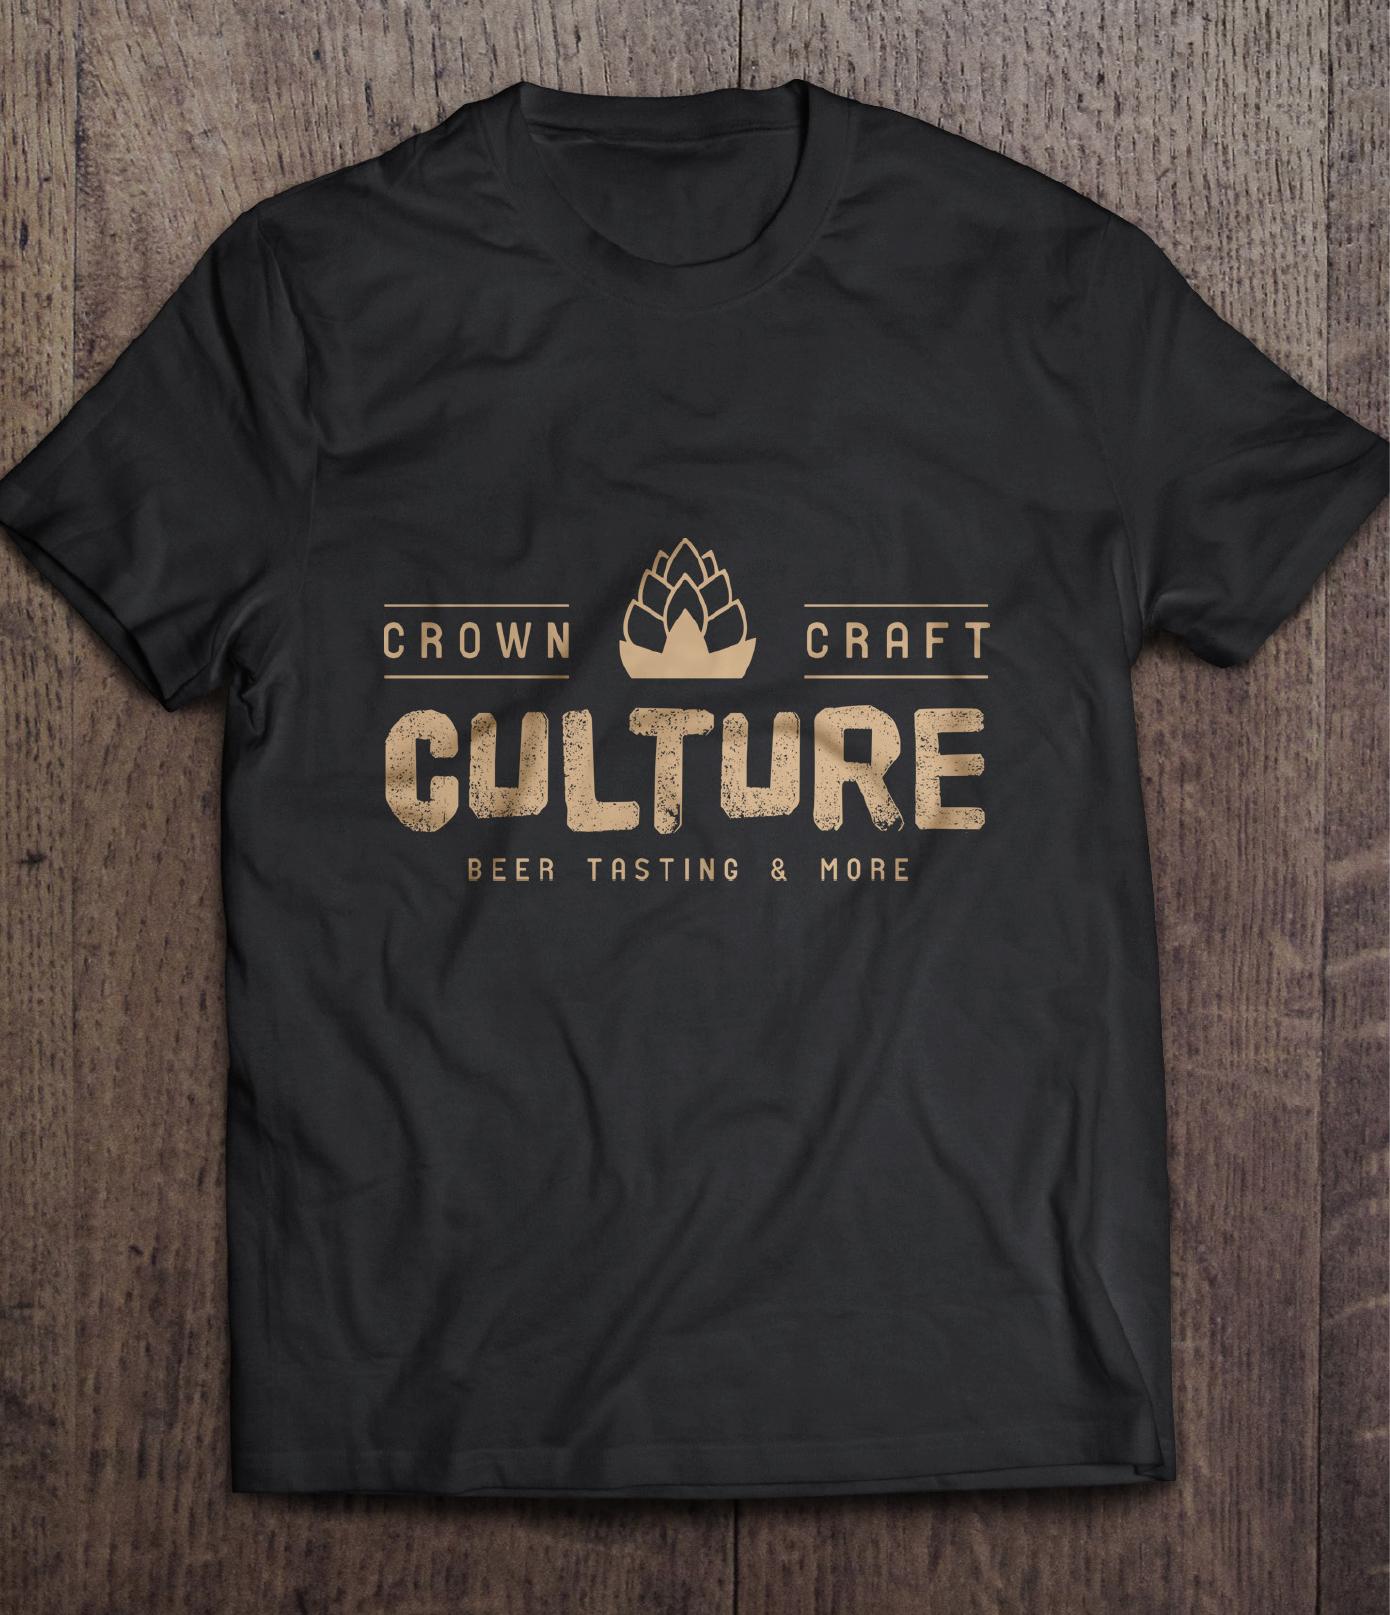 Tshirt_ccc.jpg